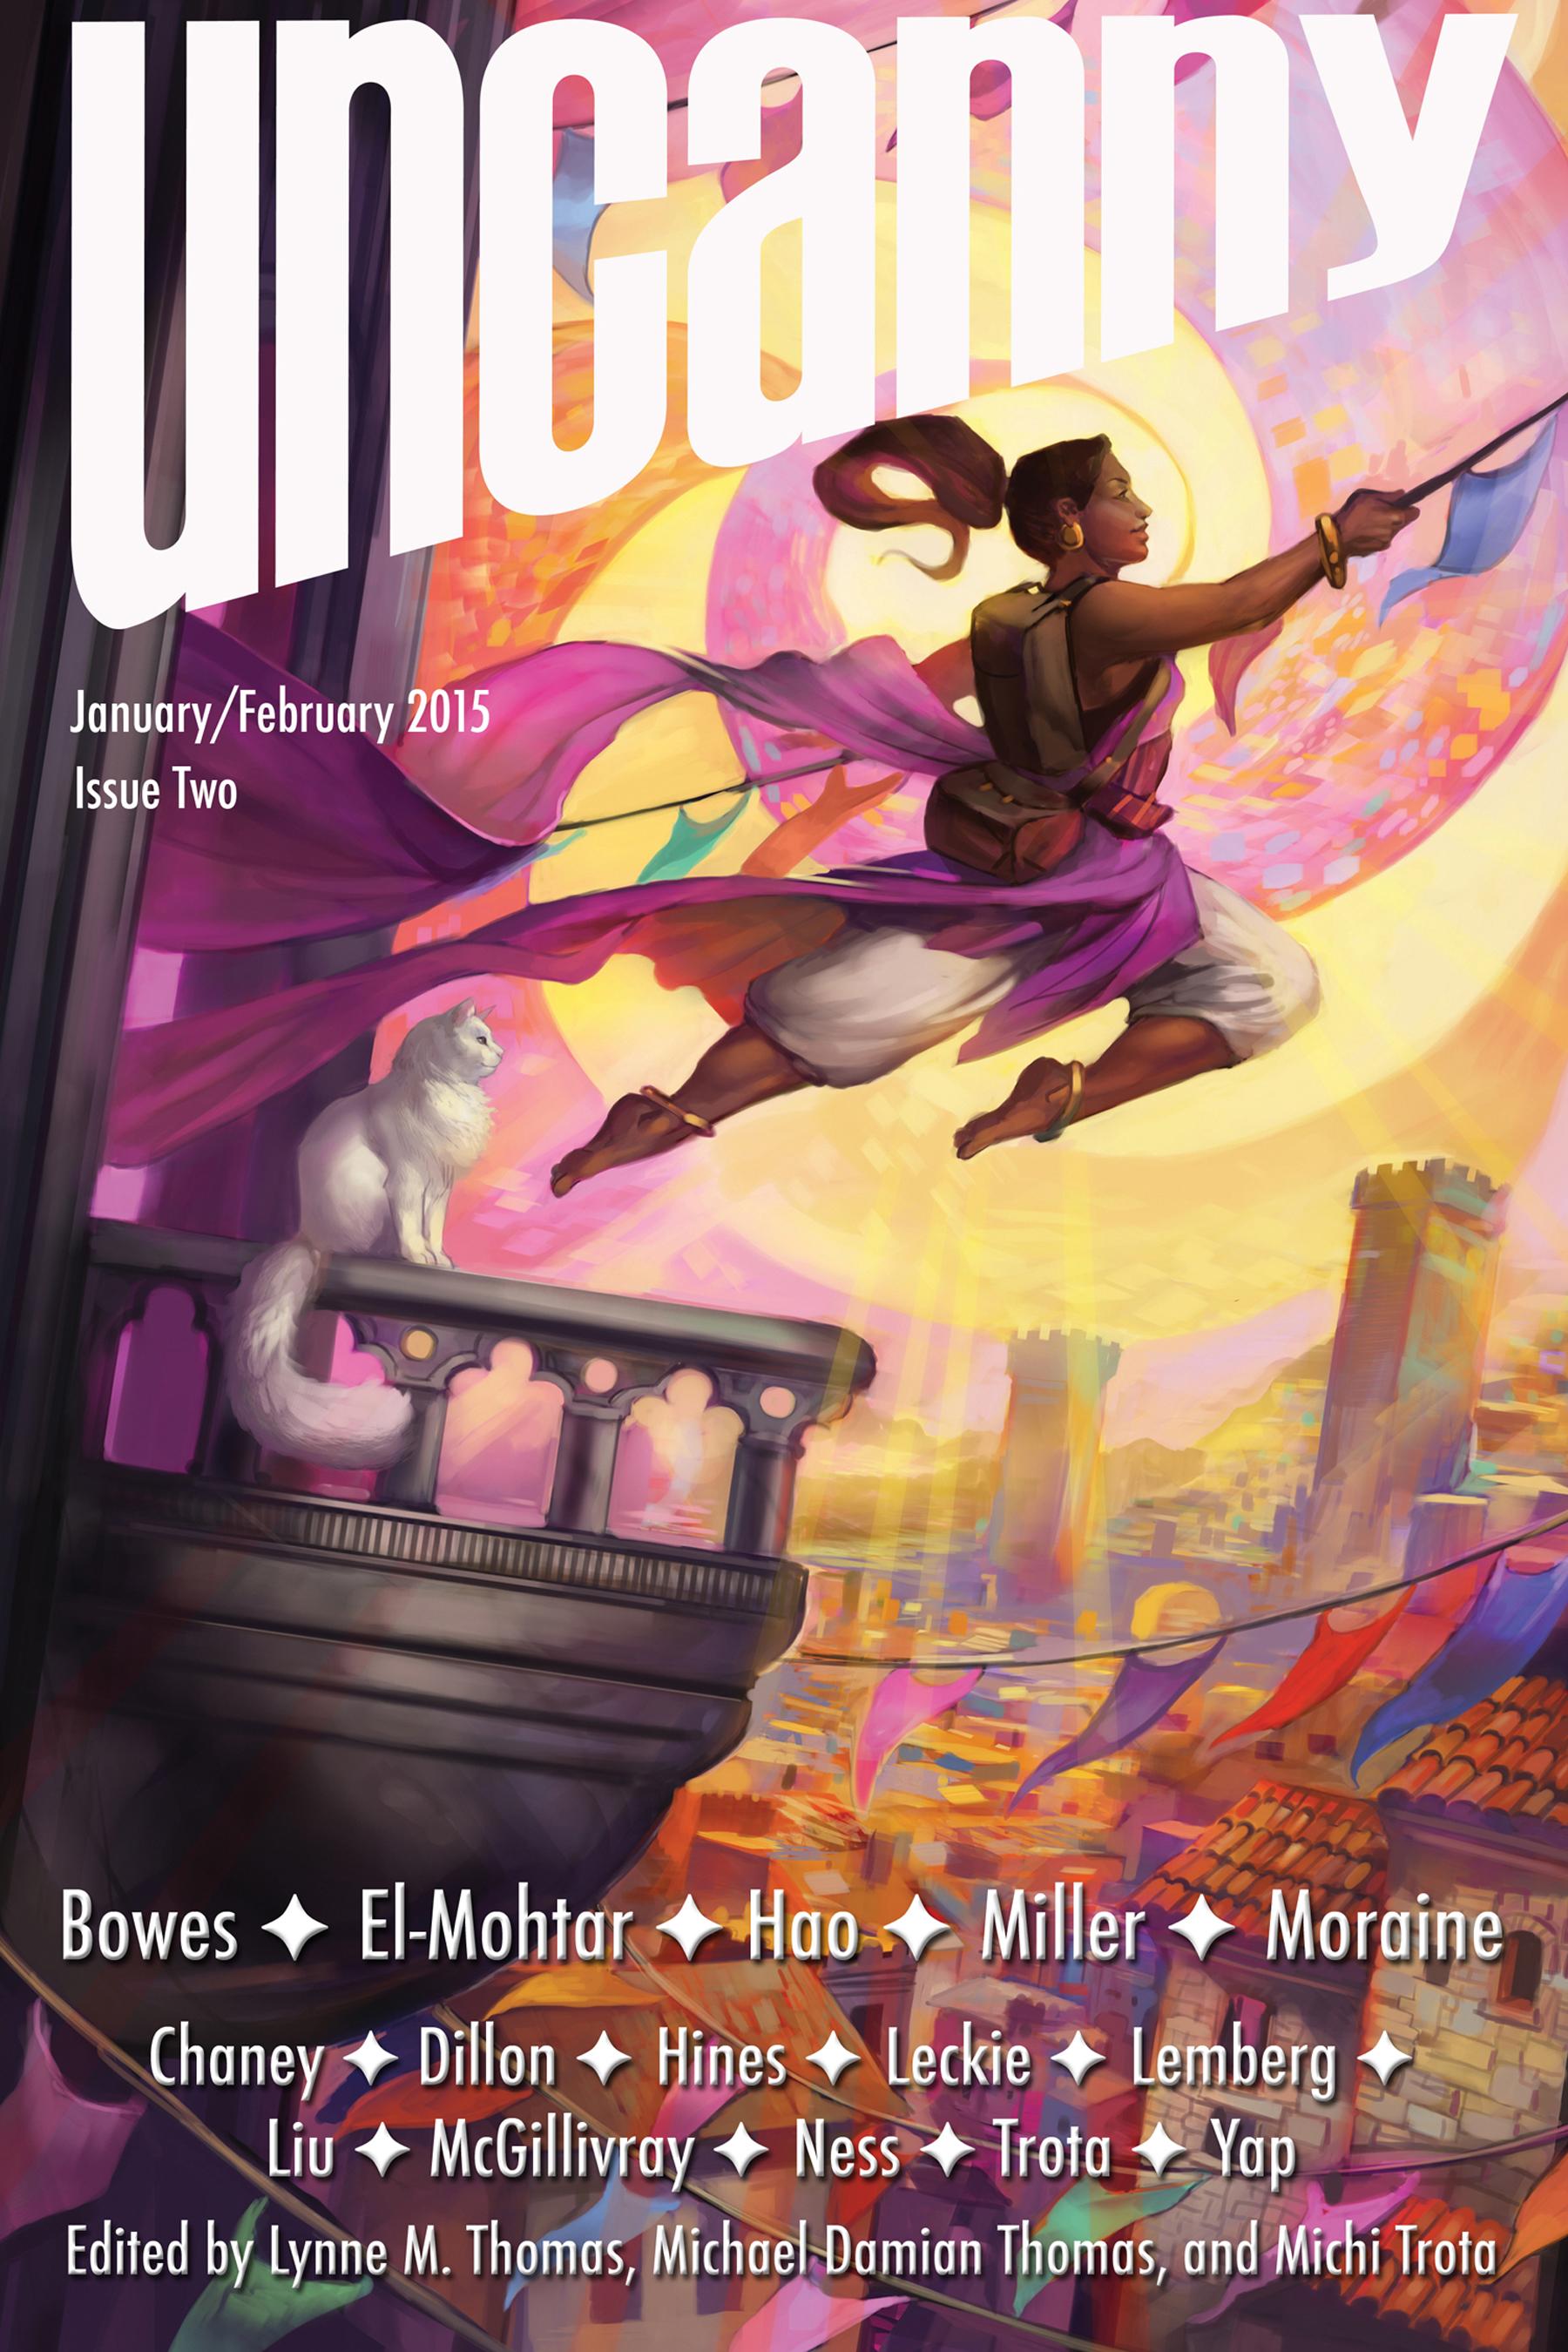 Uncanny Magazine Issue Two (January/February 2015) by Michael Damian Thomas, Lynne M. Thomas, Michi Trota